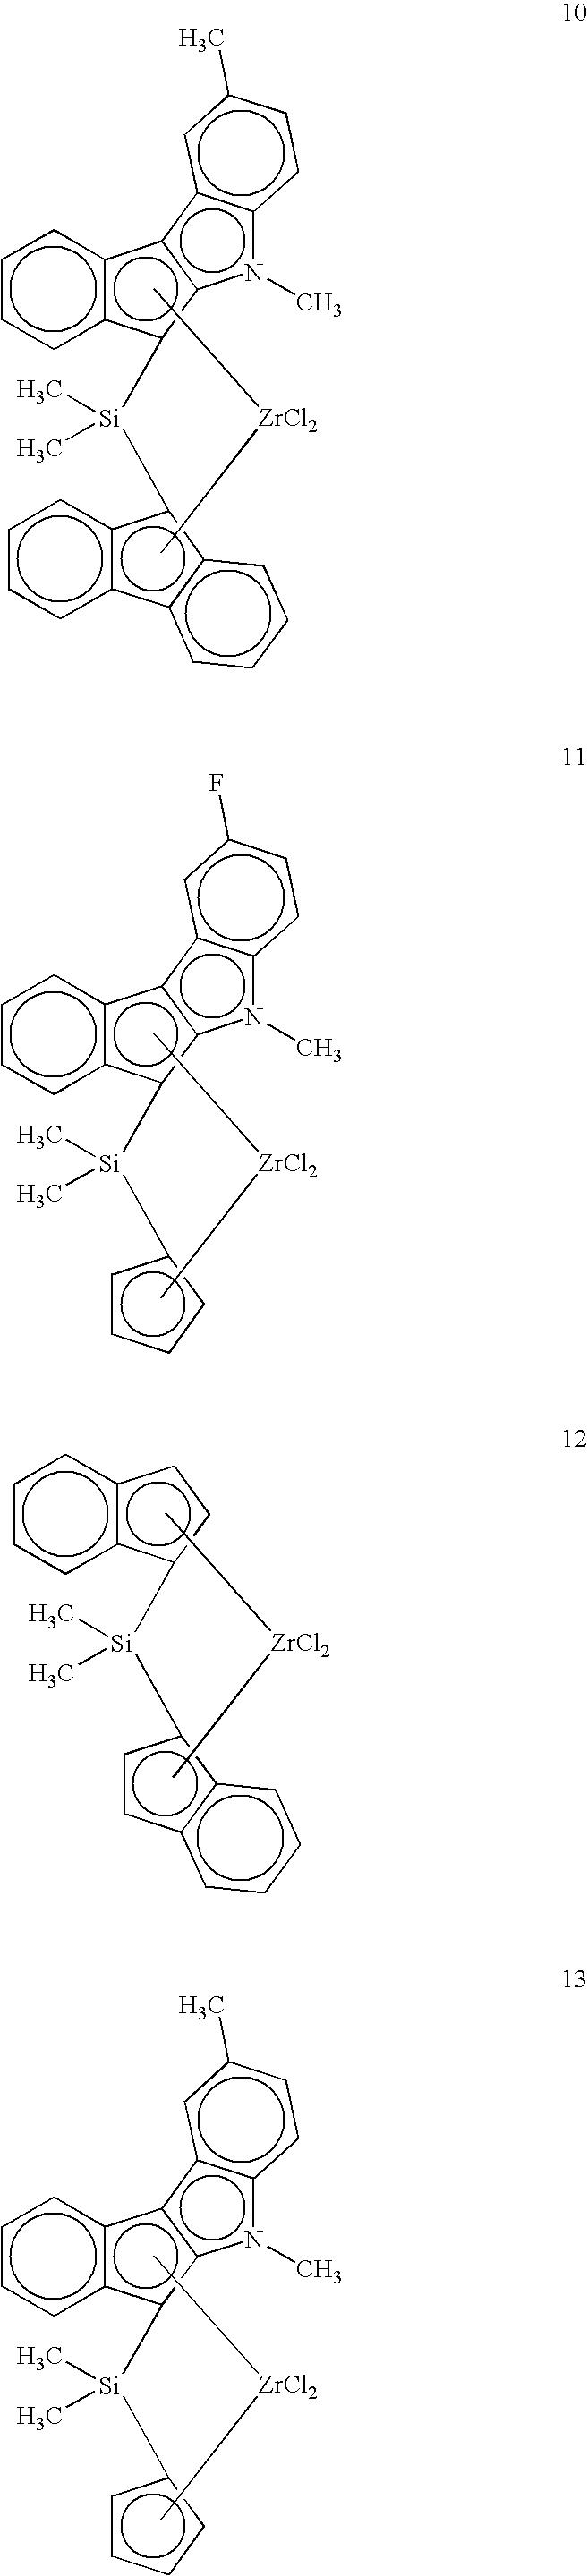 Figure US07655740-20100202-C00010